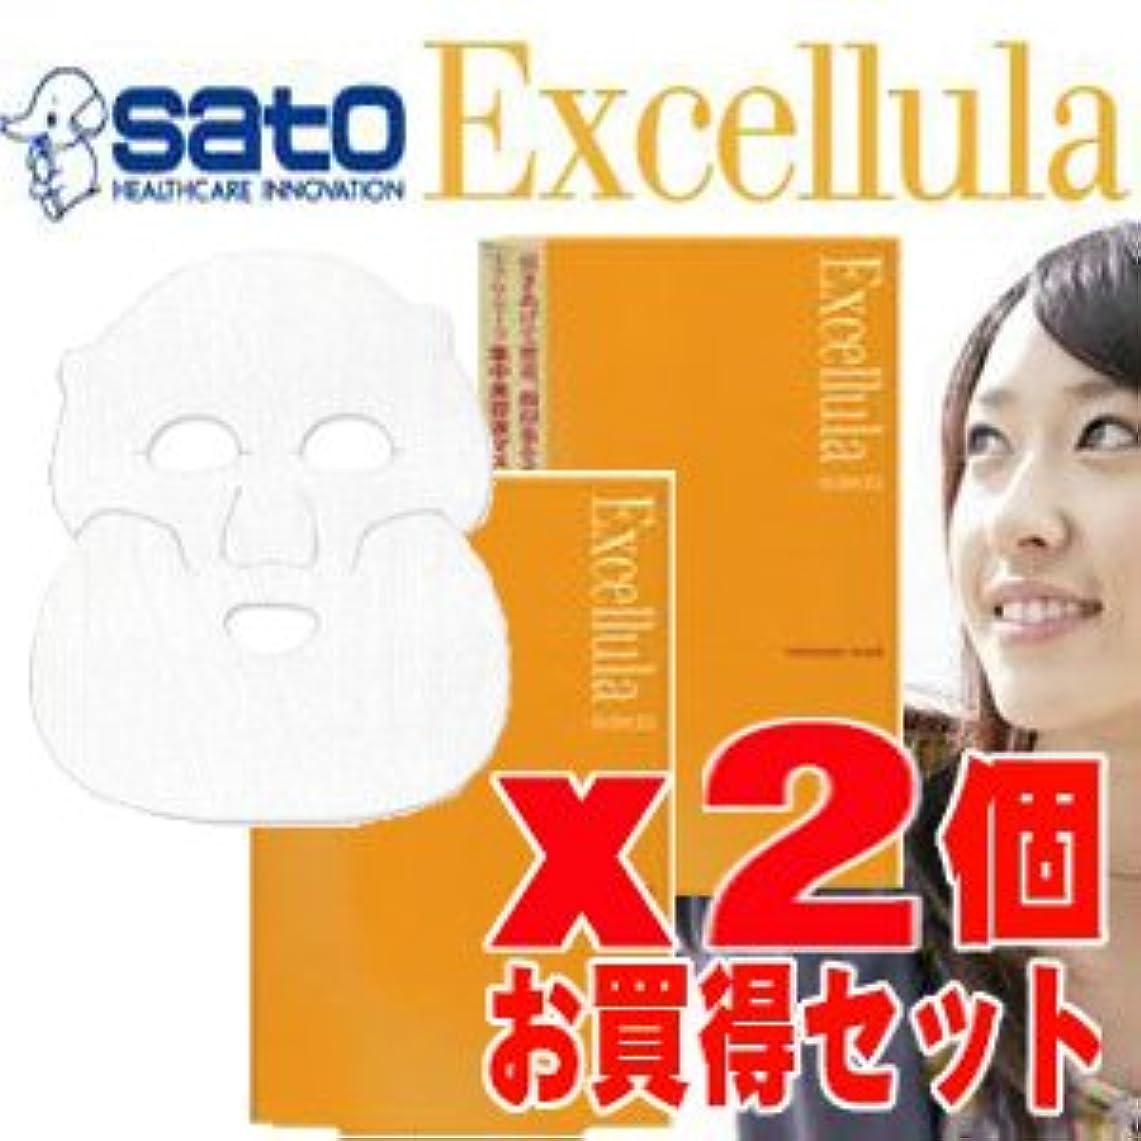 赤字共役以下★お買得2個★ エクセルーラ モイスチュアマスク (シート状美容液マスク) 26mL×4枚(4回分) x2個セット